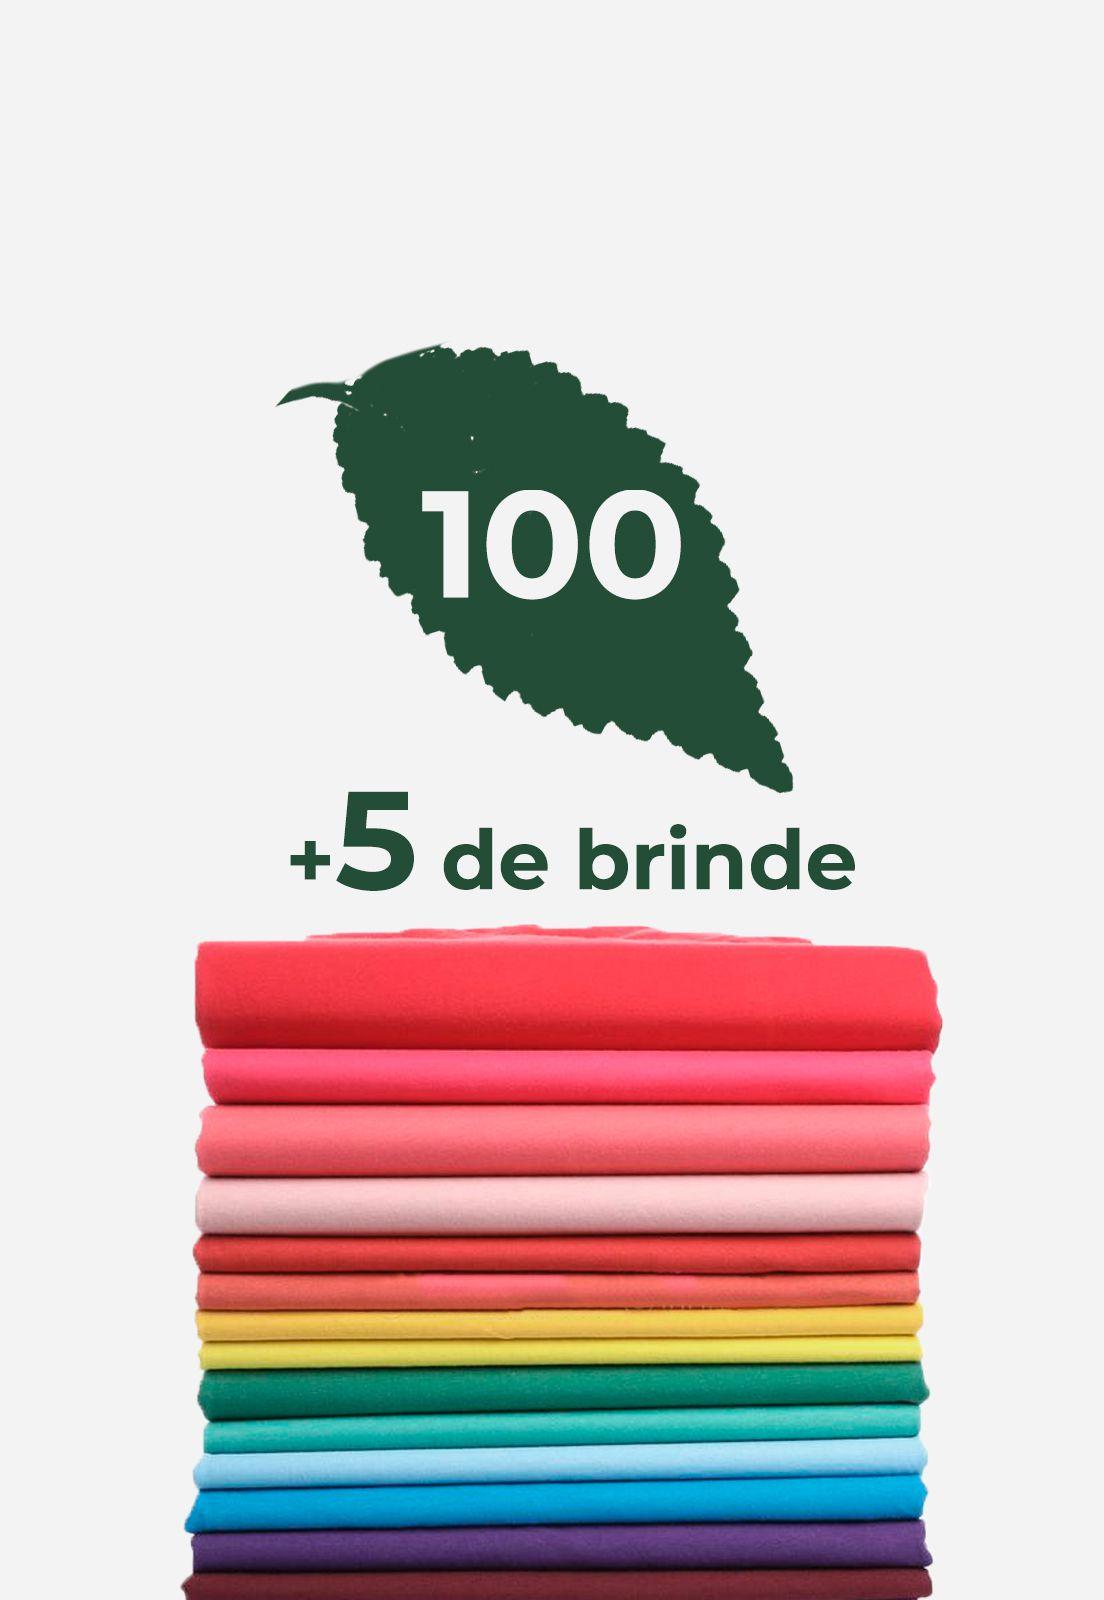 105 Camisetas Amazônia Atacado - 105 peças